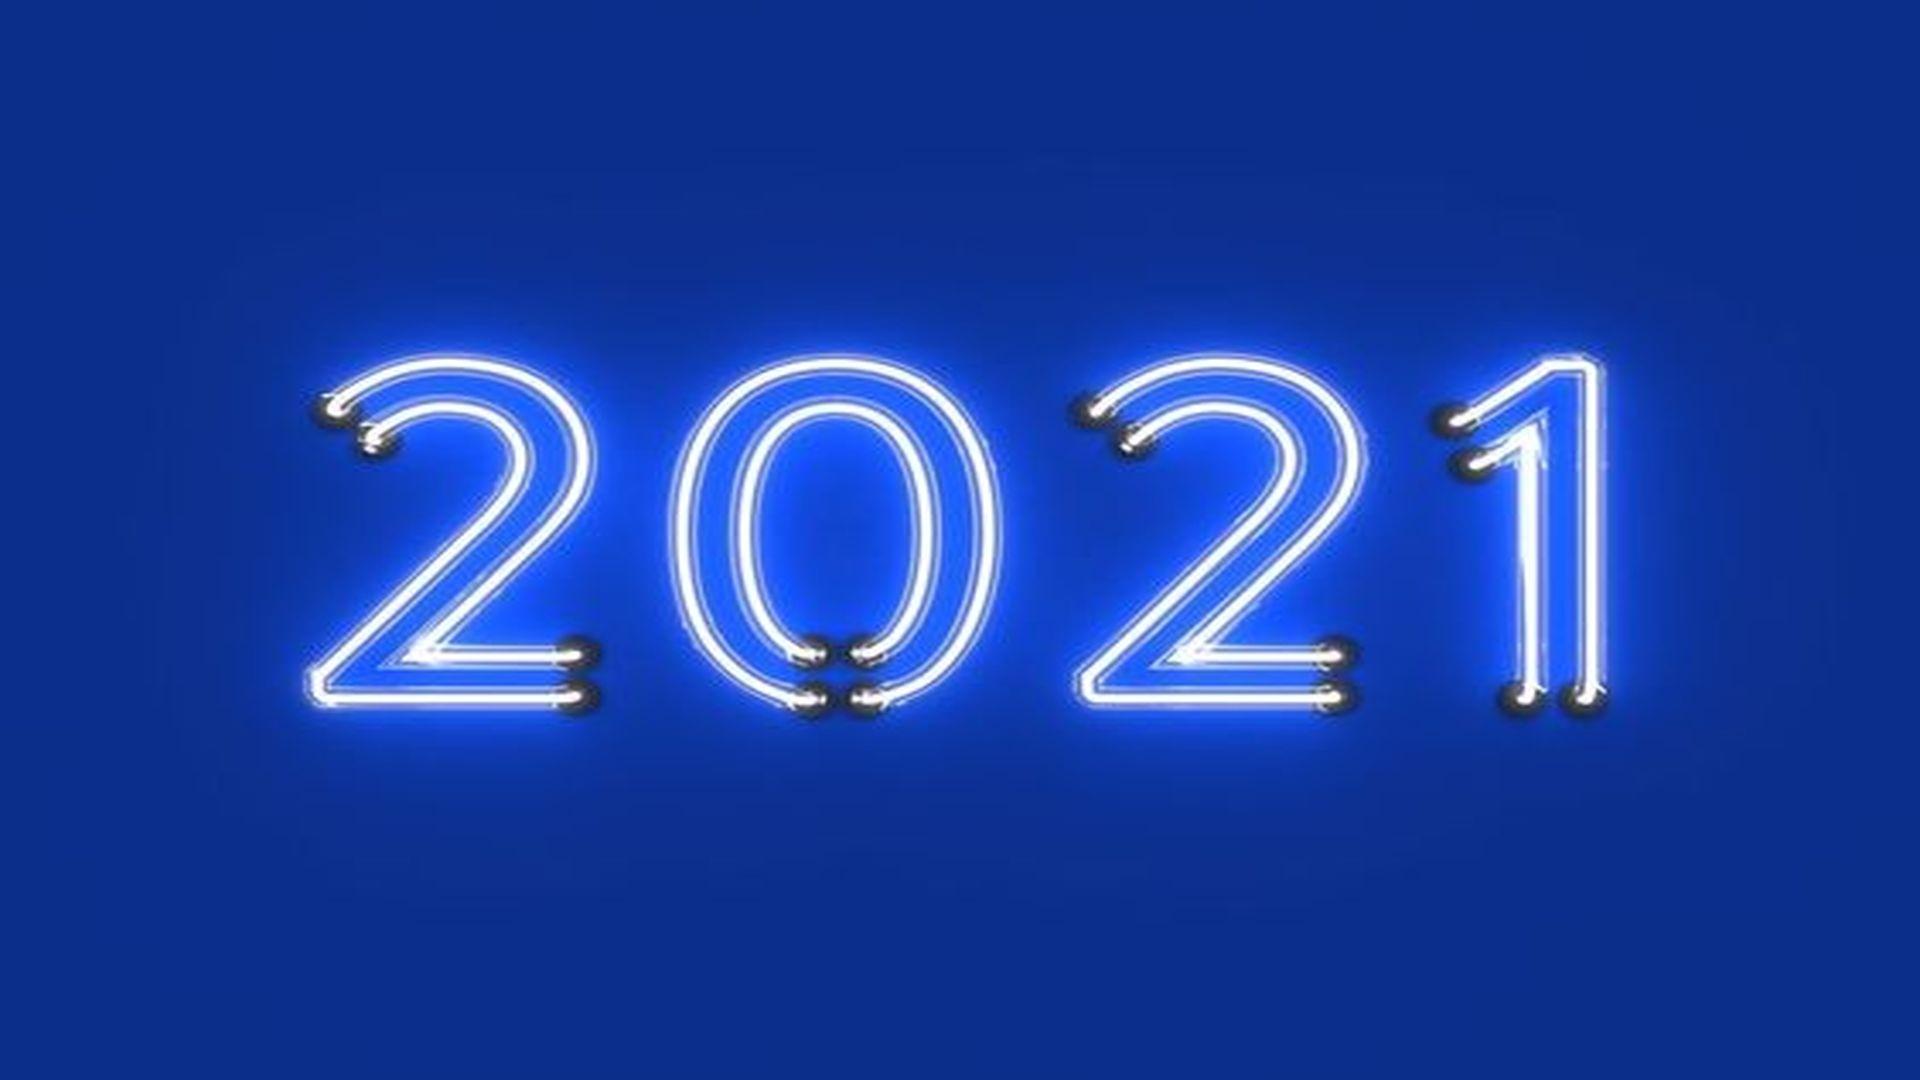 Válogatás a 2021. évi Tolna megyei vonatkozású évfordulókból